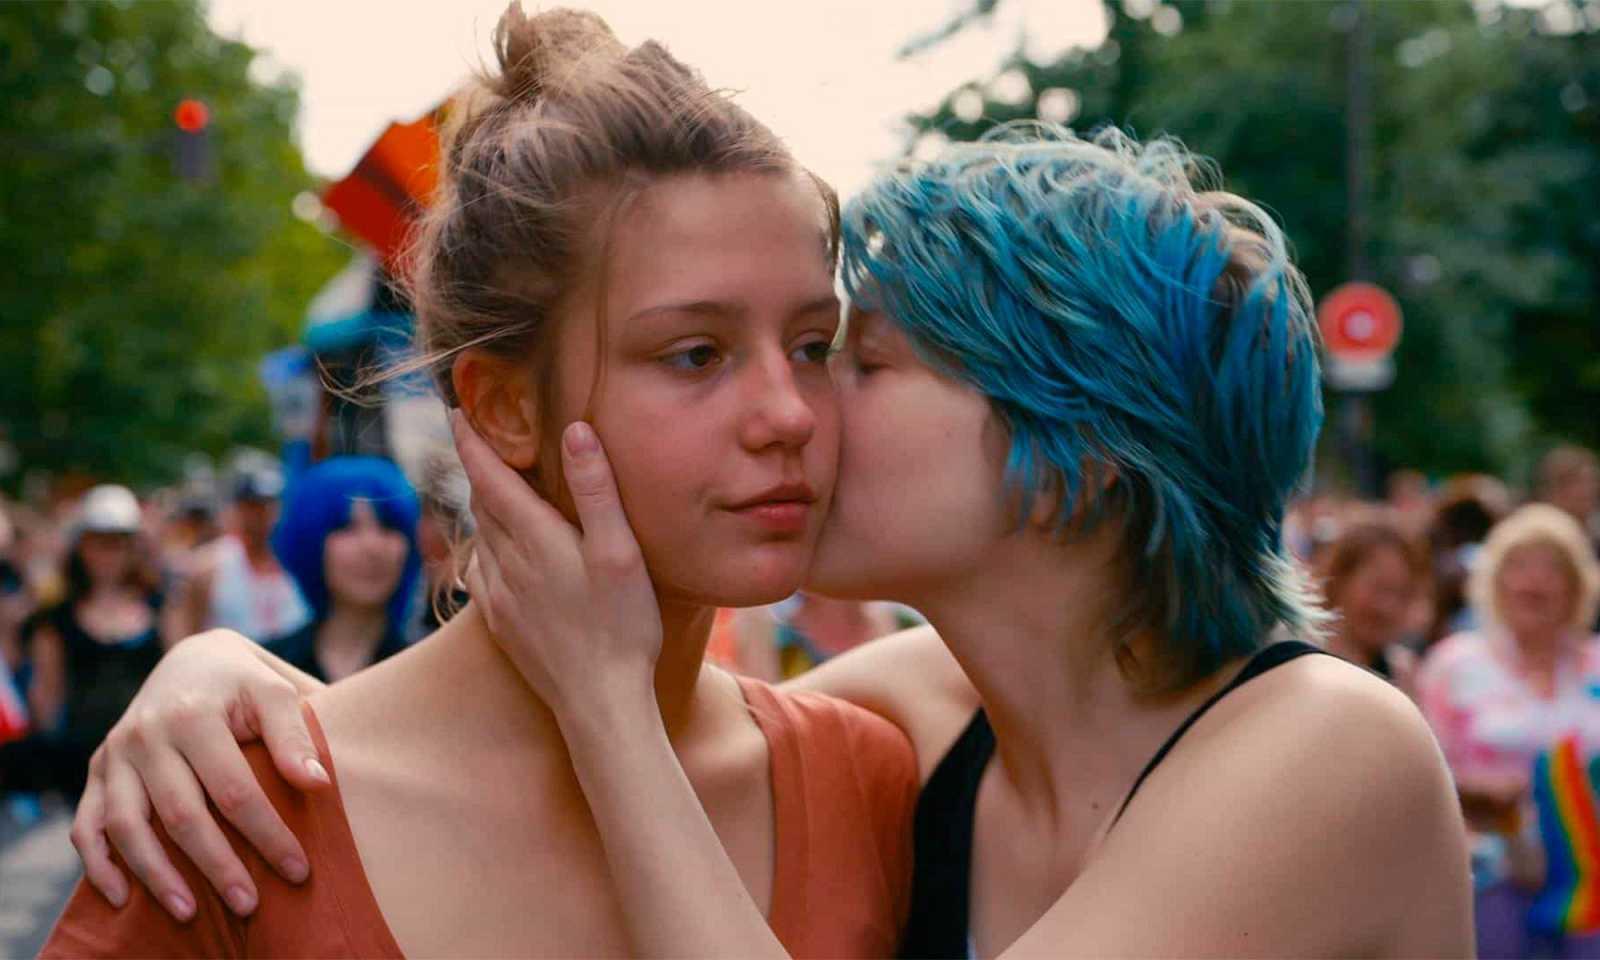 Actriz Porno Lesbico Española Pelo Azul rtve celebra el día de la visibilidad lésbica con cine